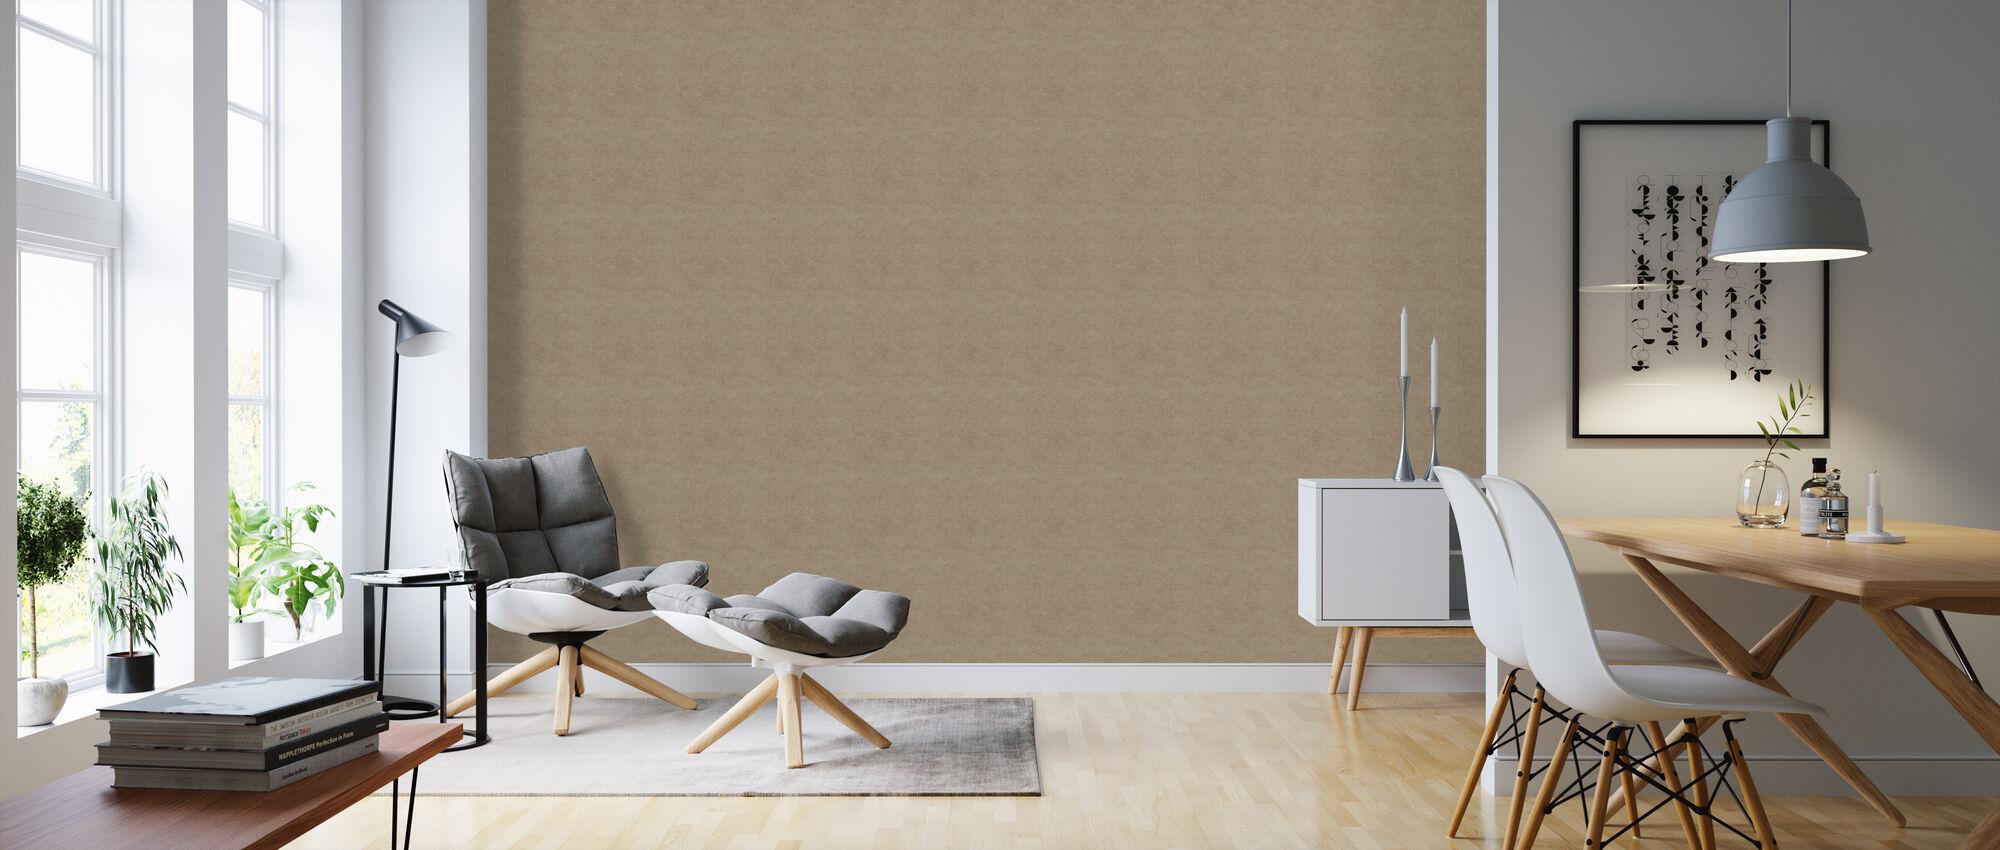 Kraft Paper IIII - Wallpaper - Living Room